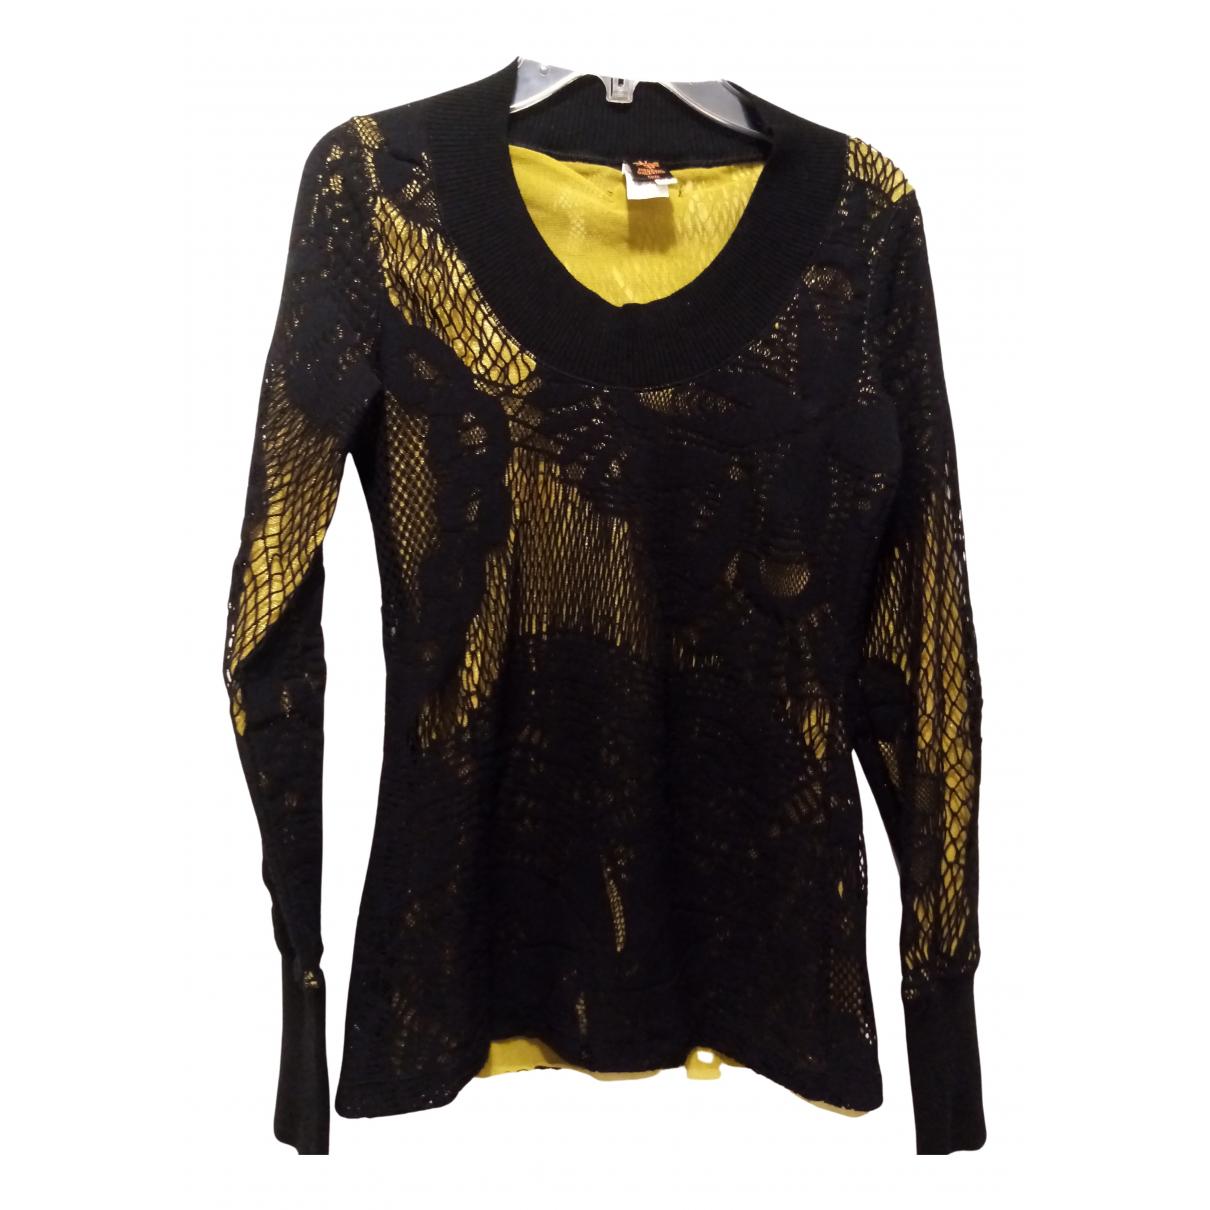 Jean Paul Gaultier N Black Knitwear for Women 34 FR